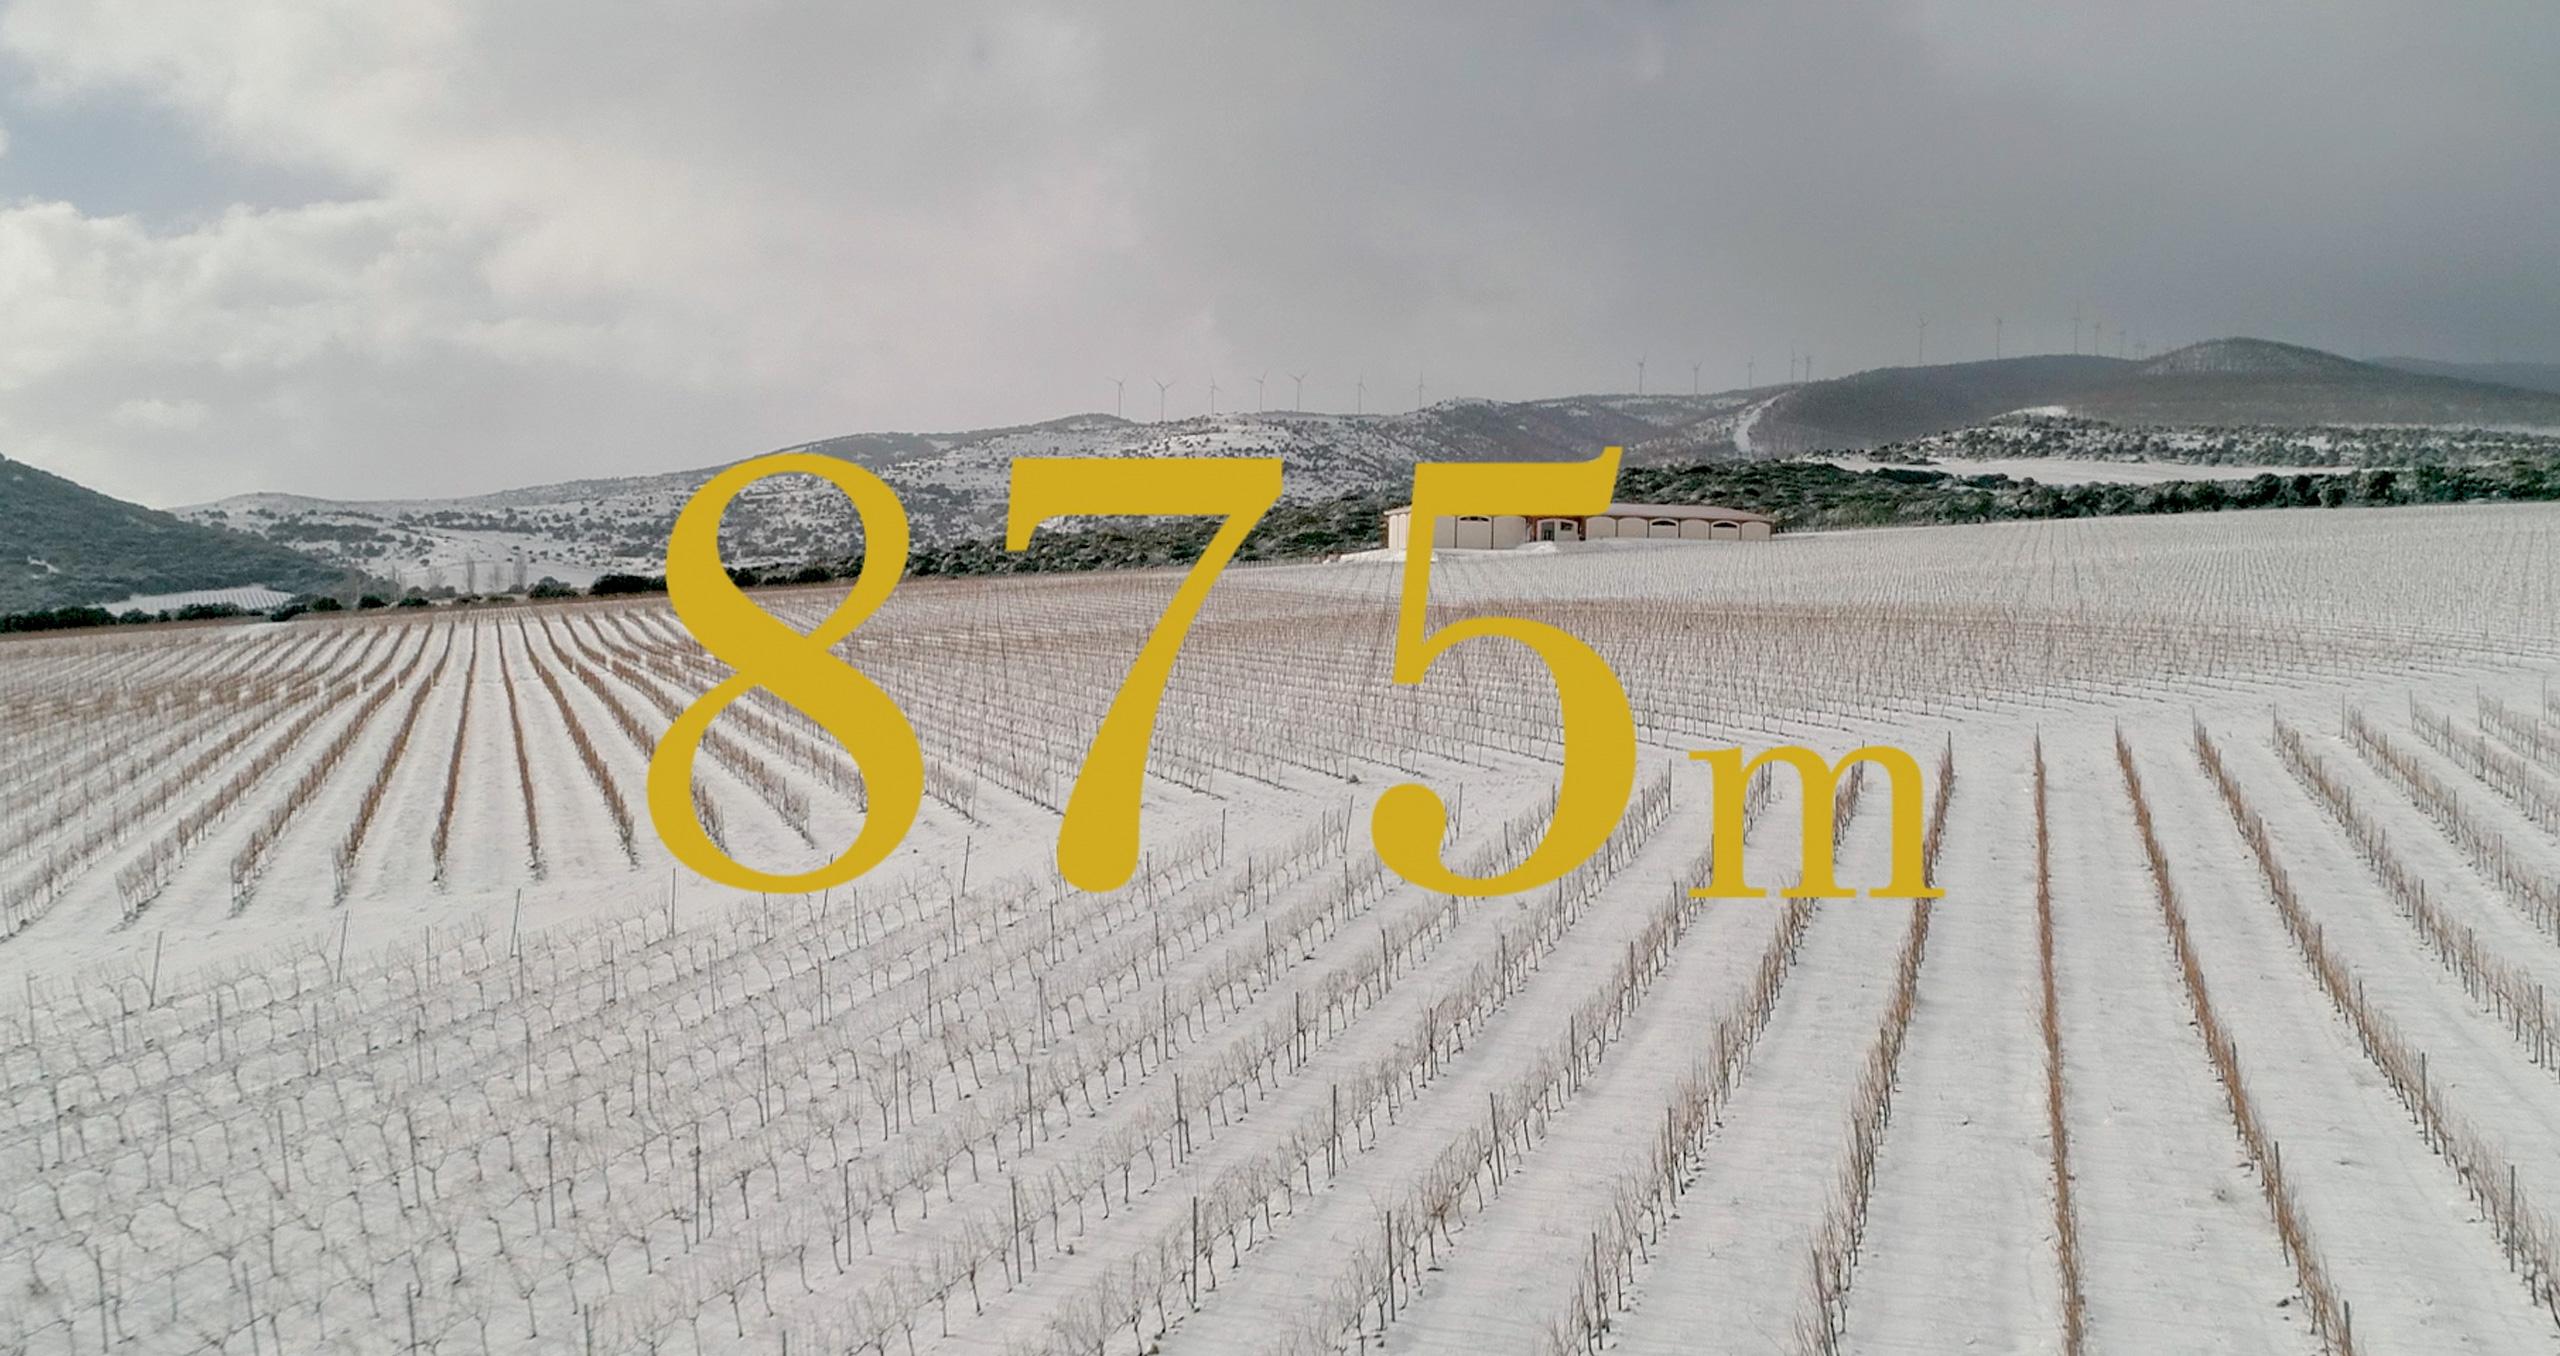 875 m. tempranillo